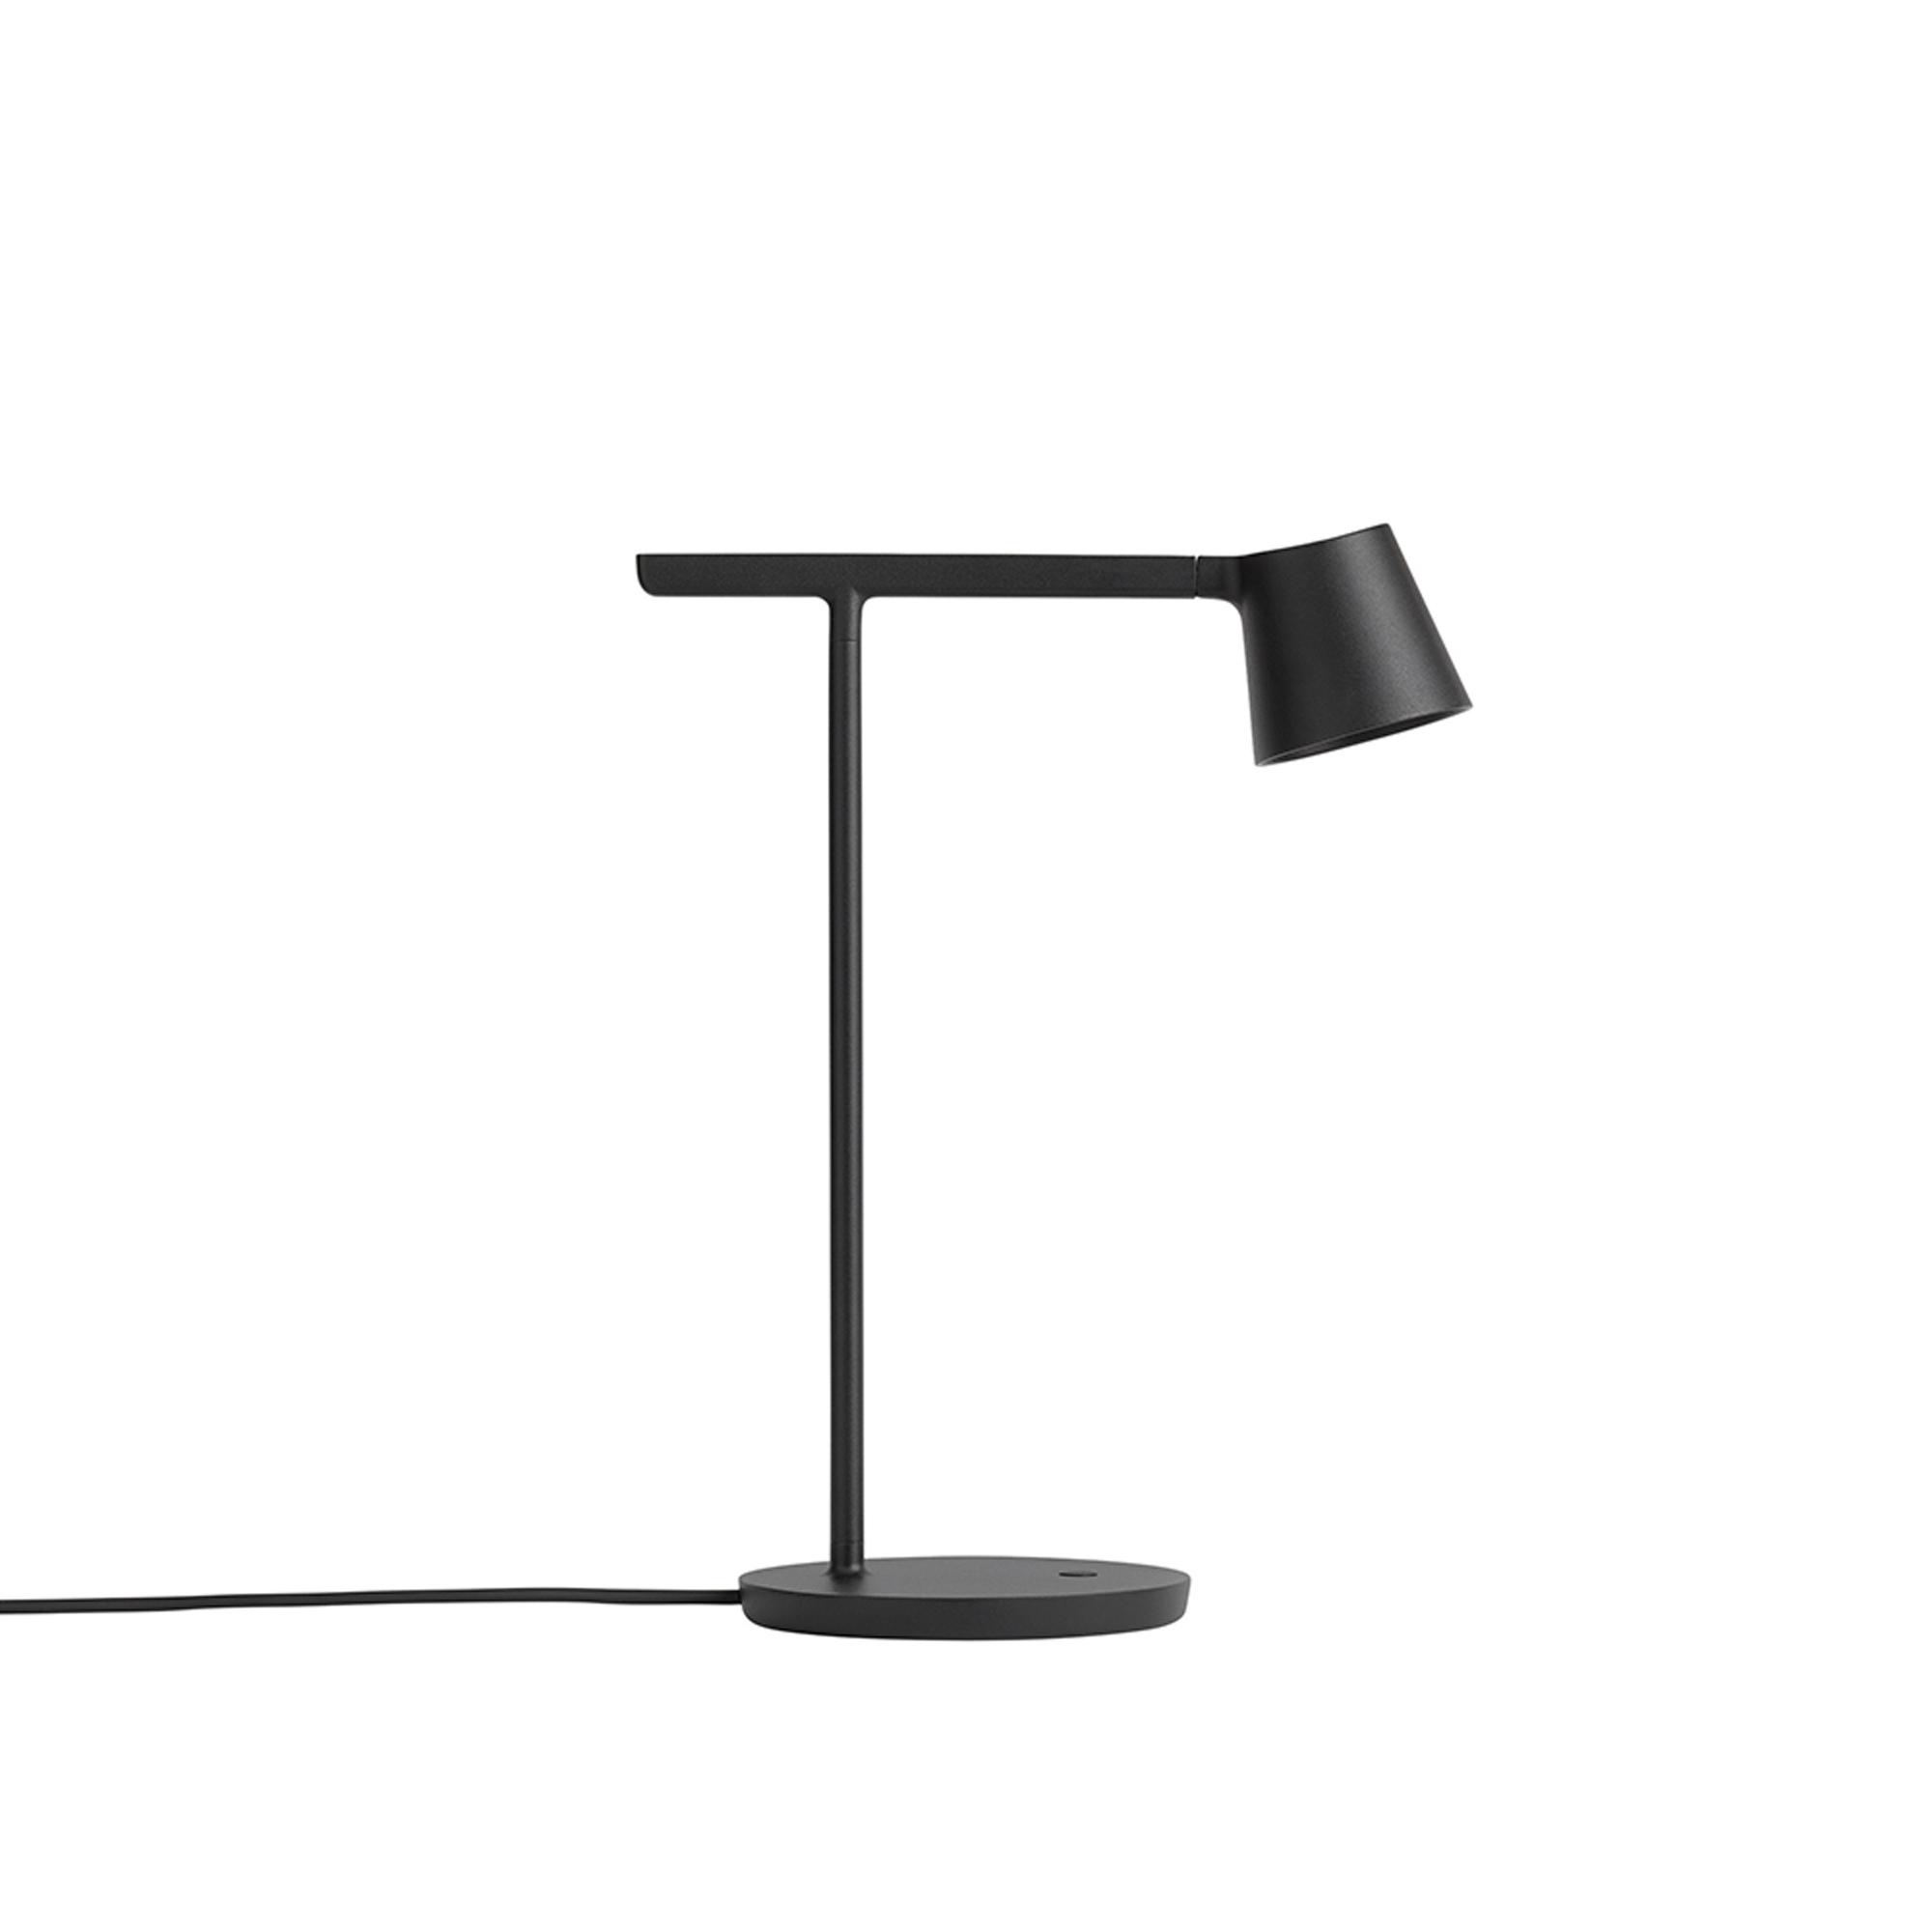 Muuto Lampa Tip svart